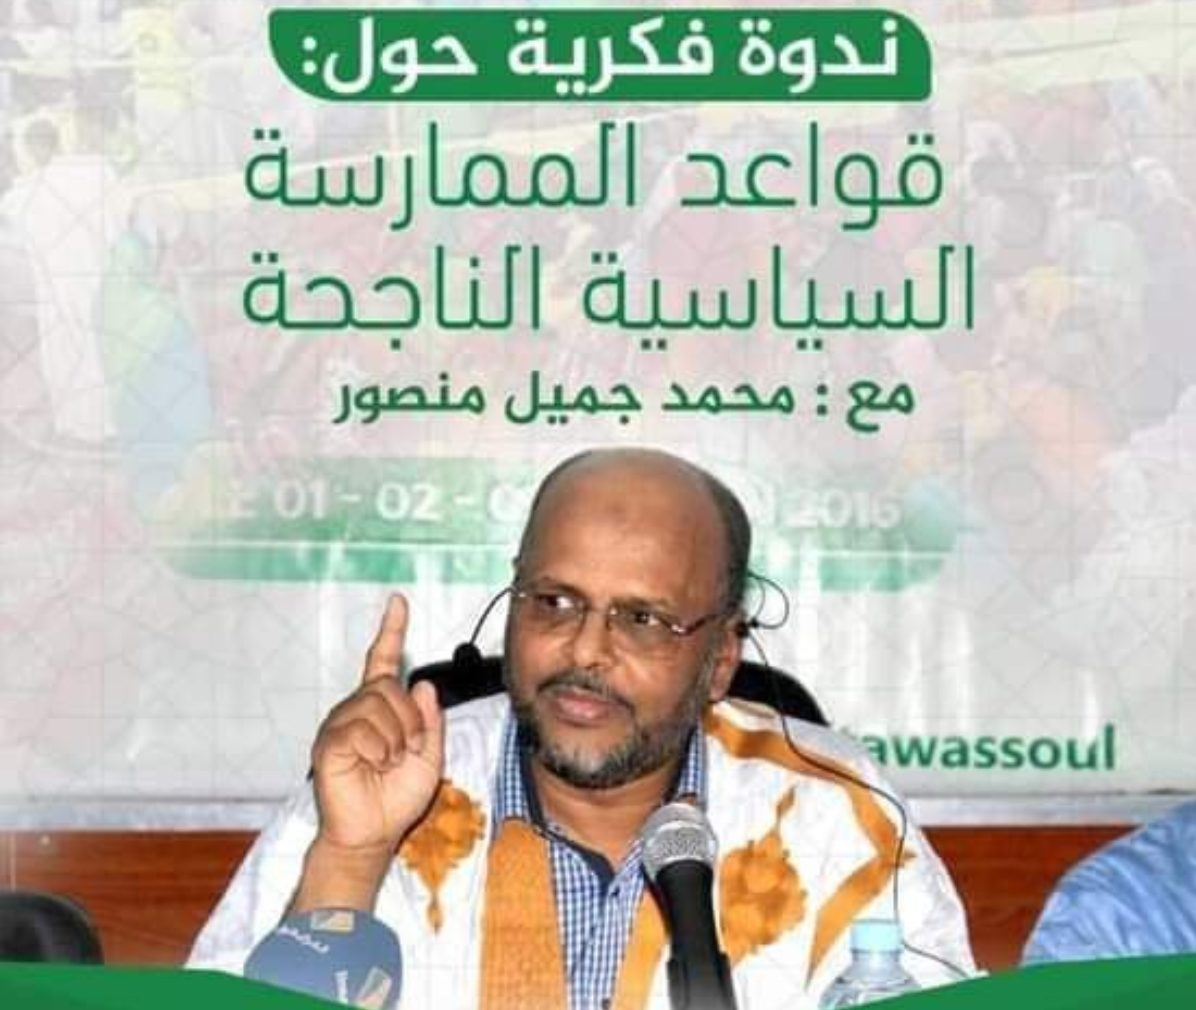 جميل منصور يحاضر عن الممارسة السياسية الناجحة